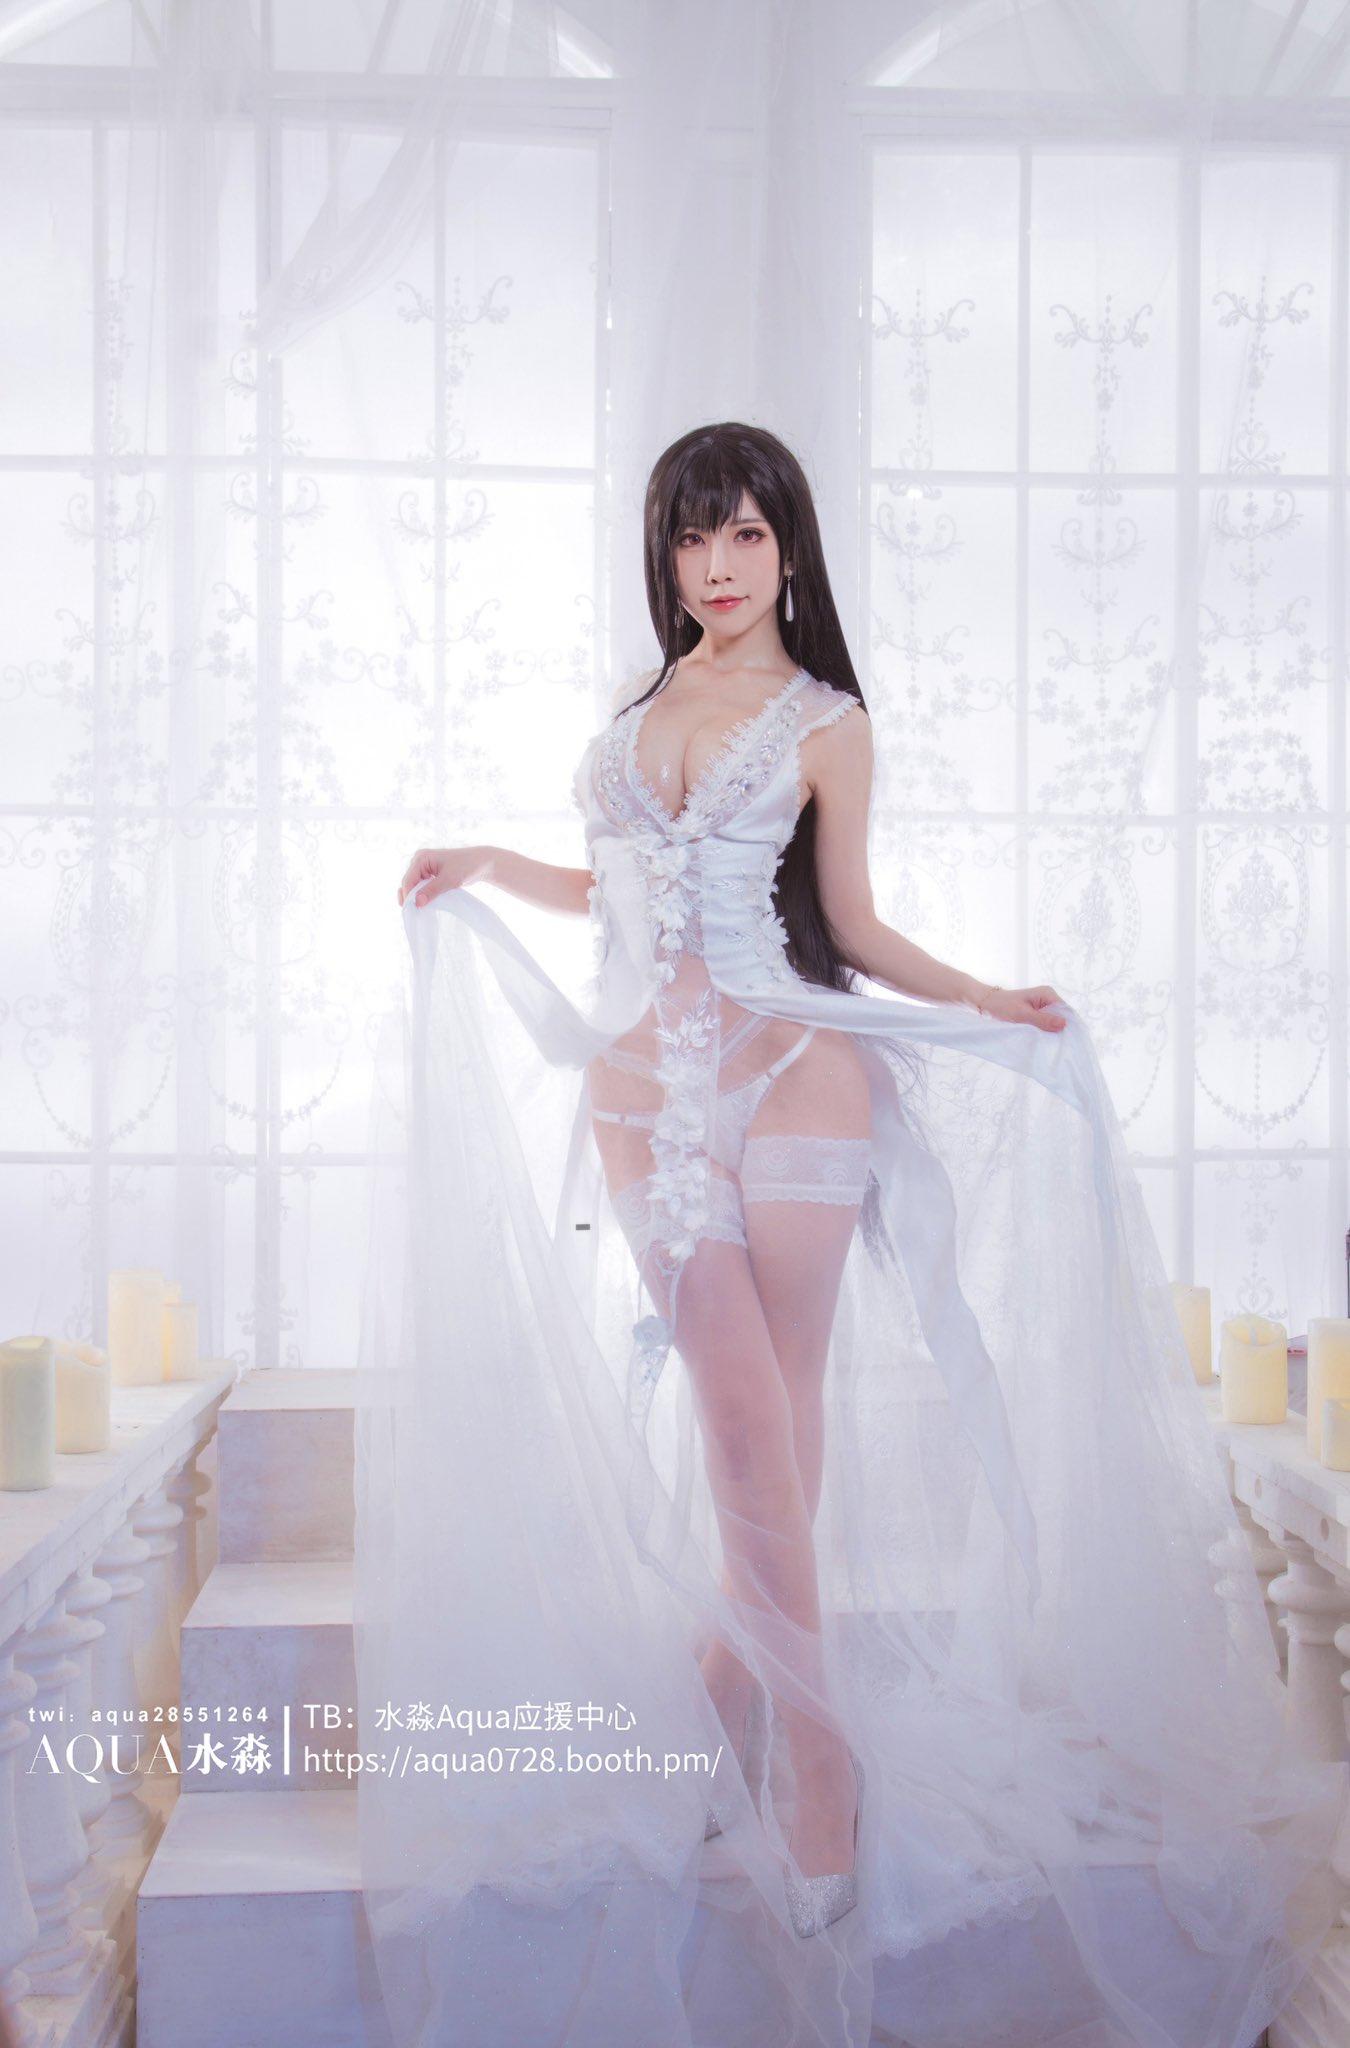 水淼 Aqua Tifa Wedding Dress Cosplay